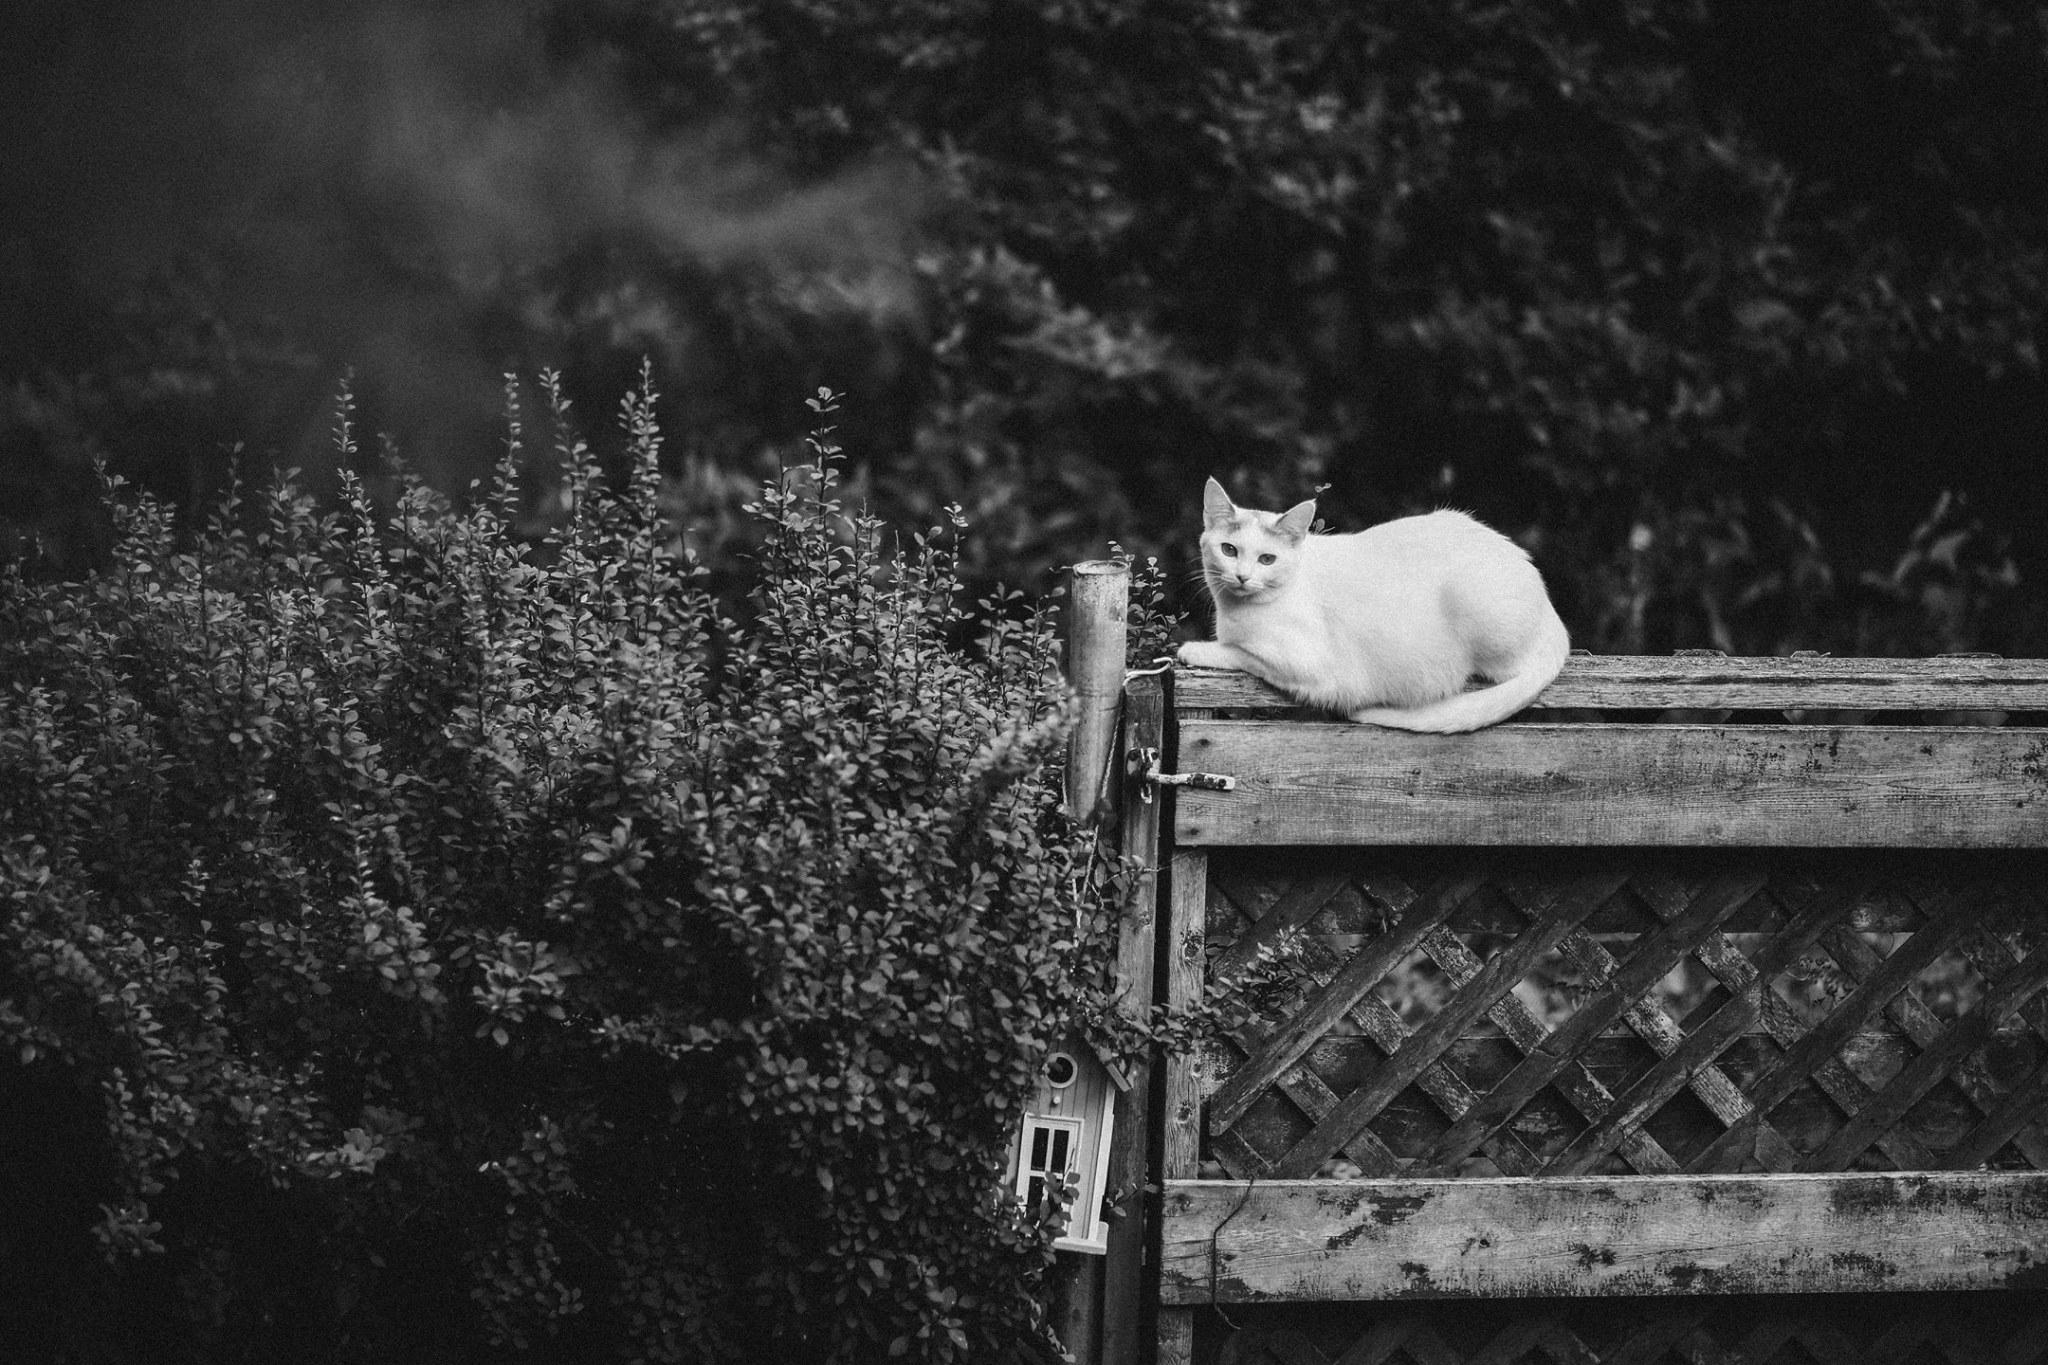 2019_Rothbauerstudio_personalwork_ottawa_petphotography_cat.jpg